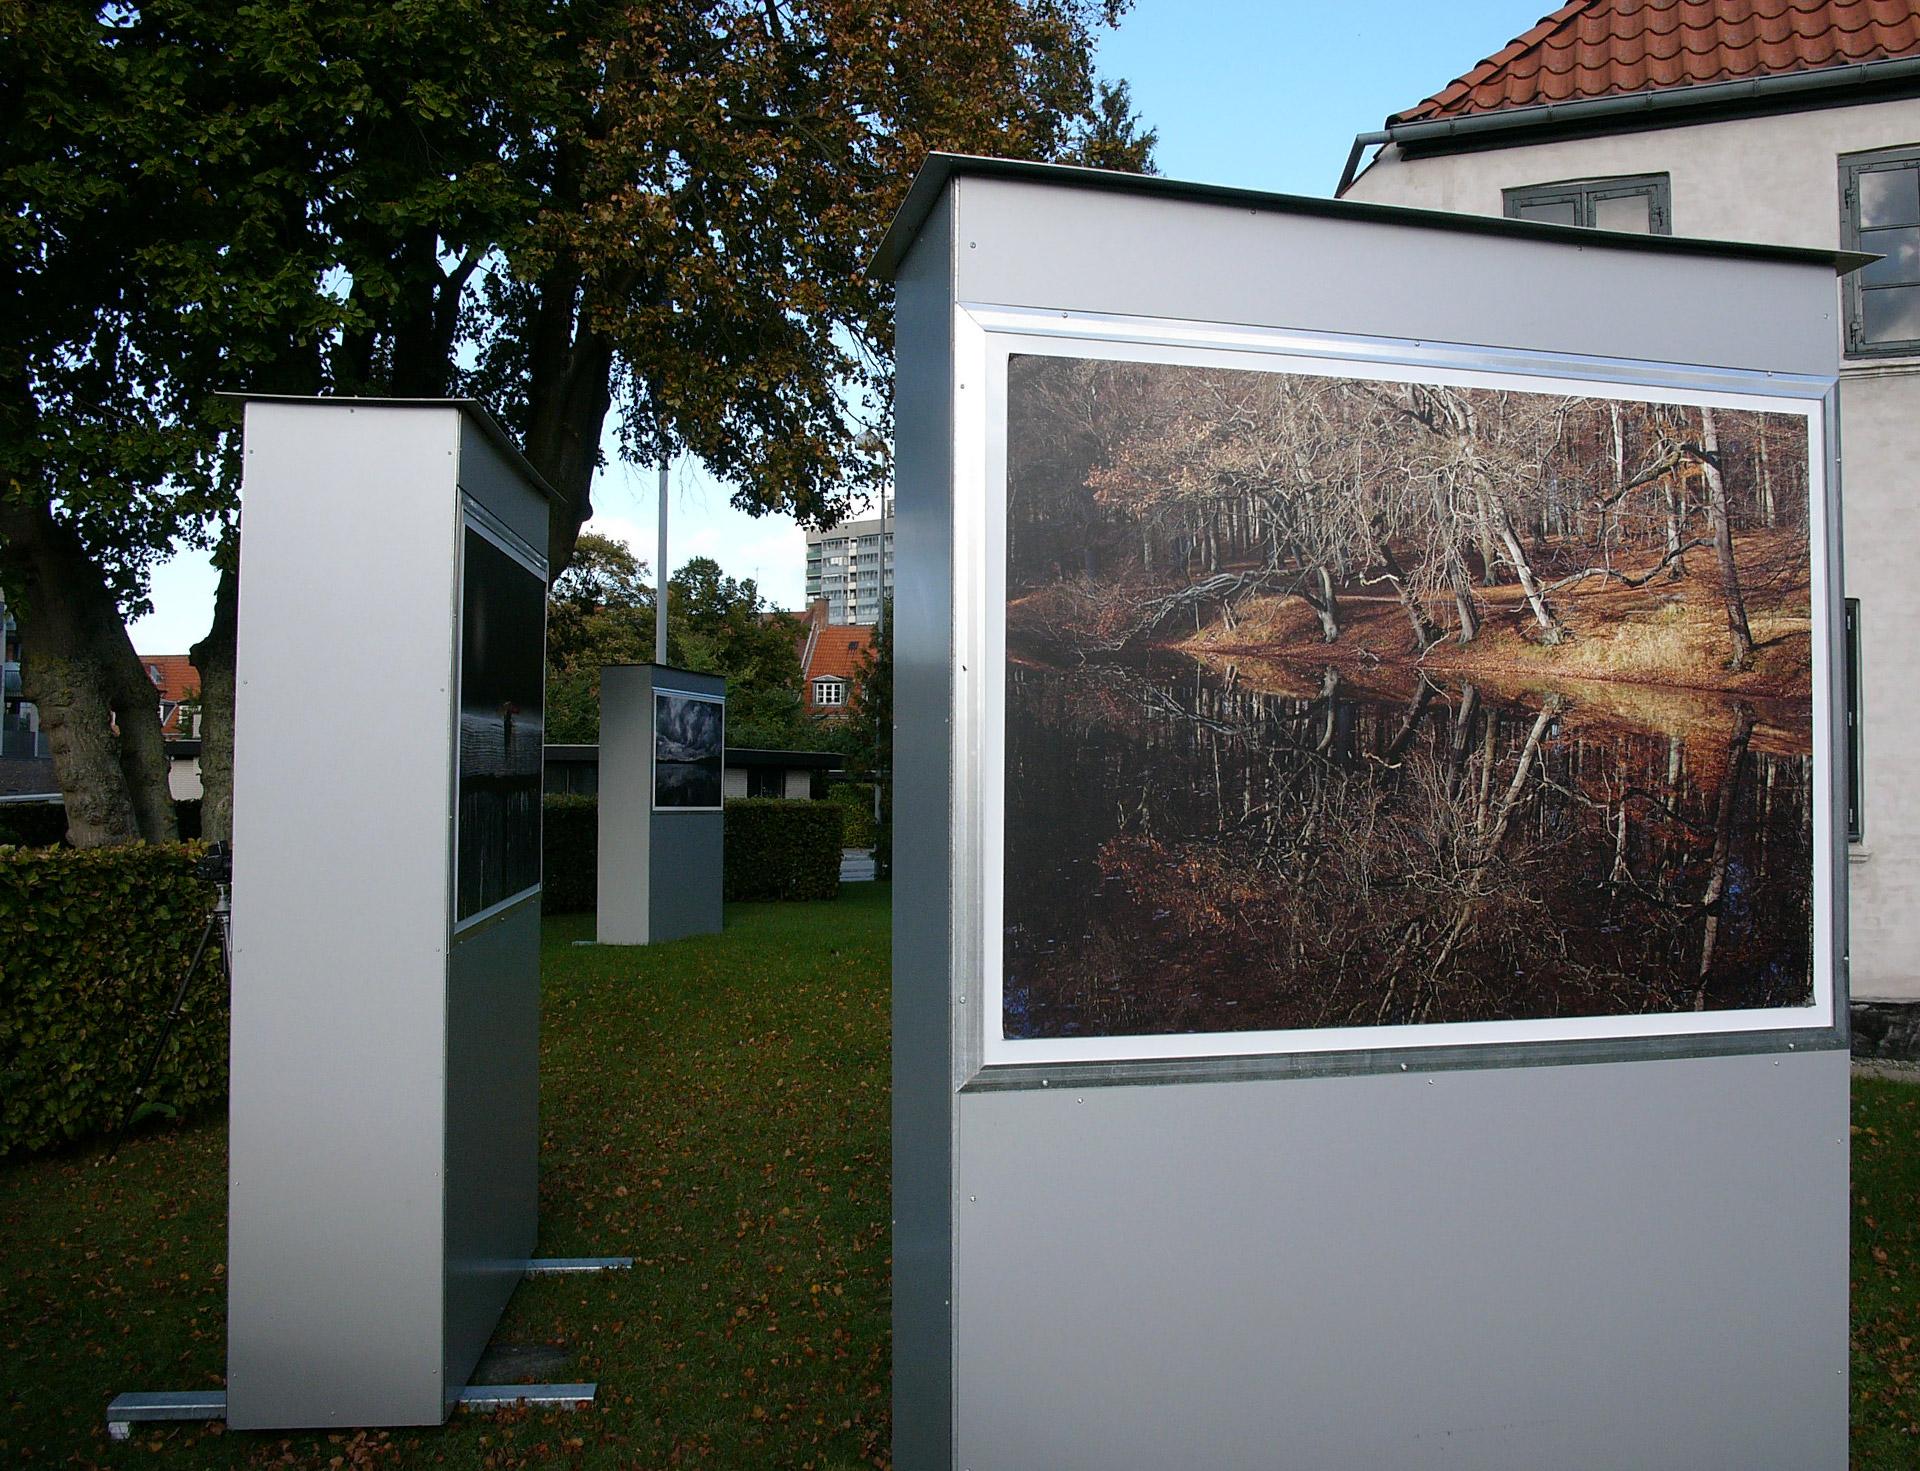 Mikkel Alexander Grabowski's exhibition about Moelleaaen at Thorasminde in Bagsværd